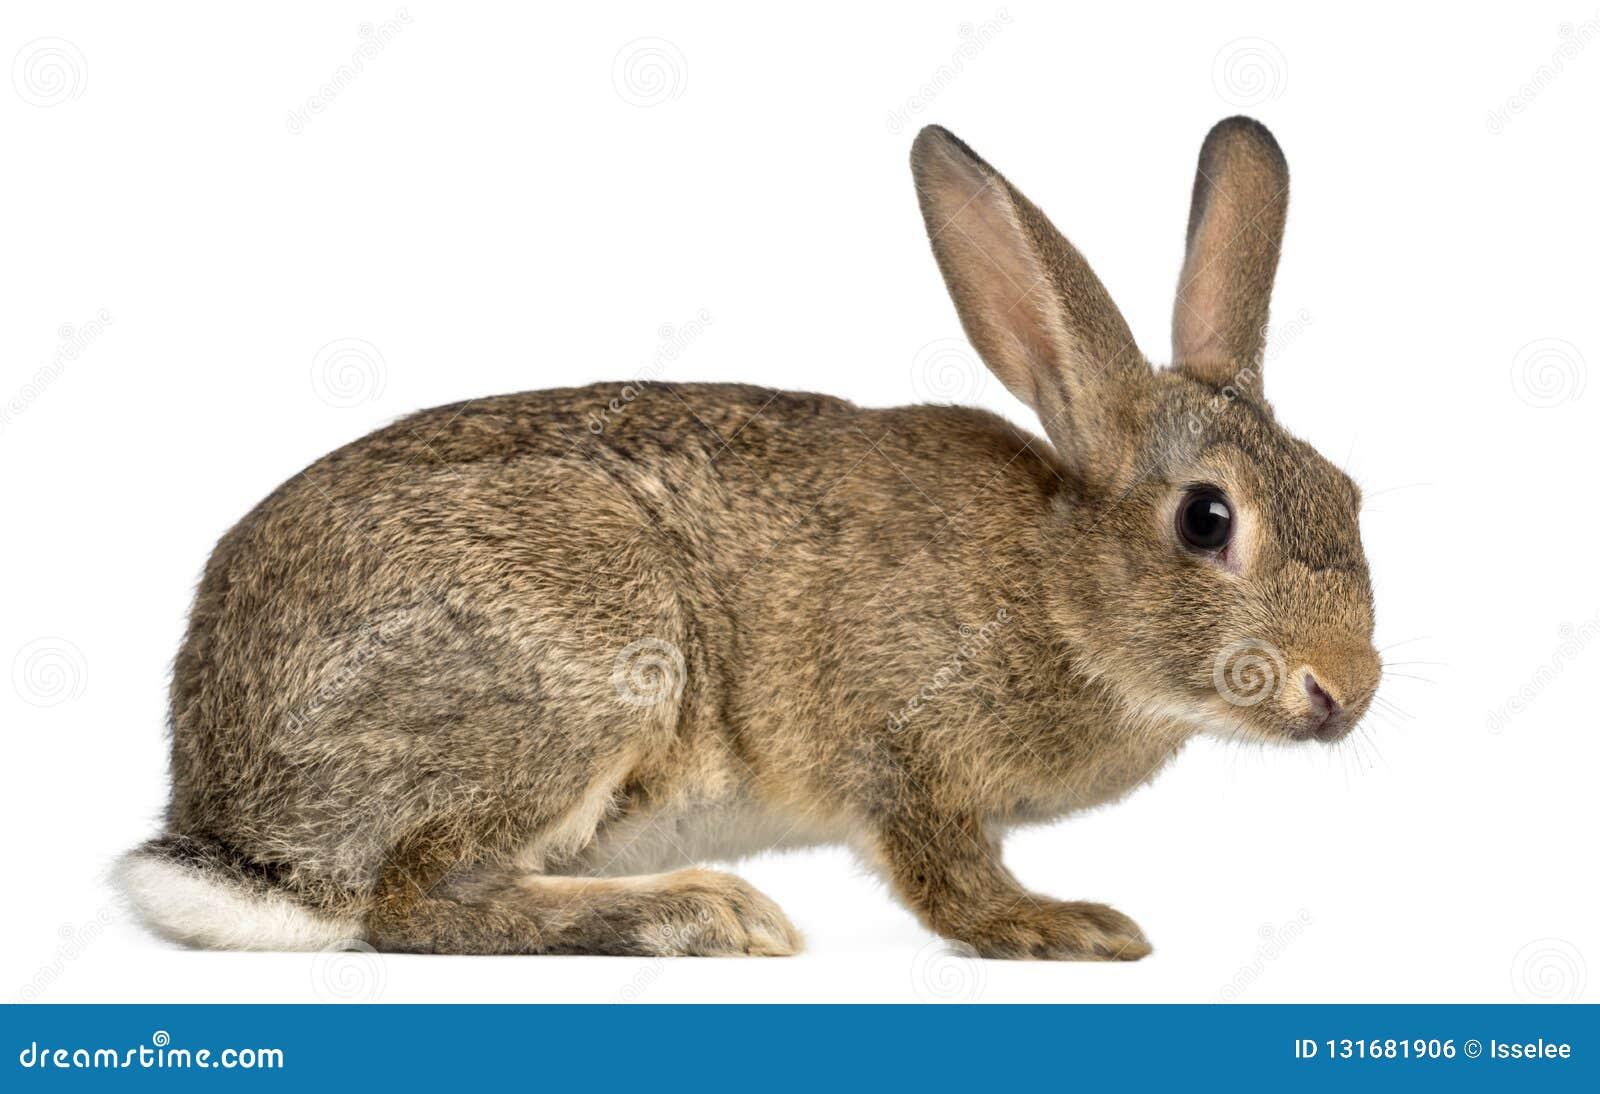 Conejo europeo o conejo del campo común, 3 meses